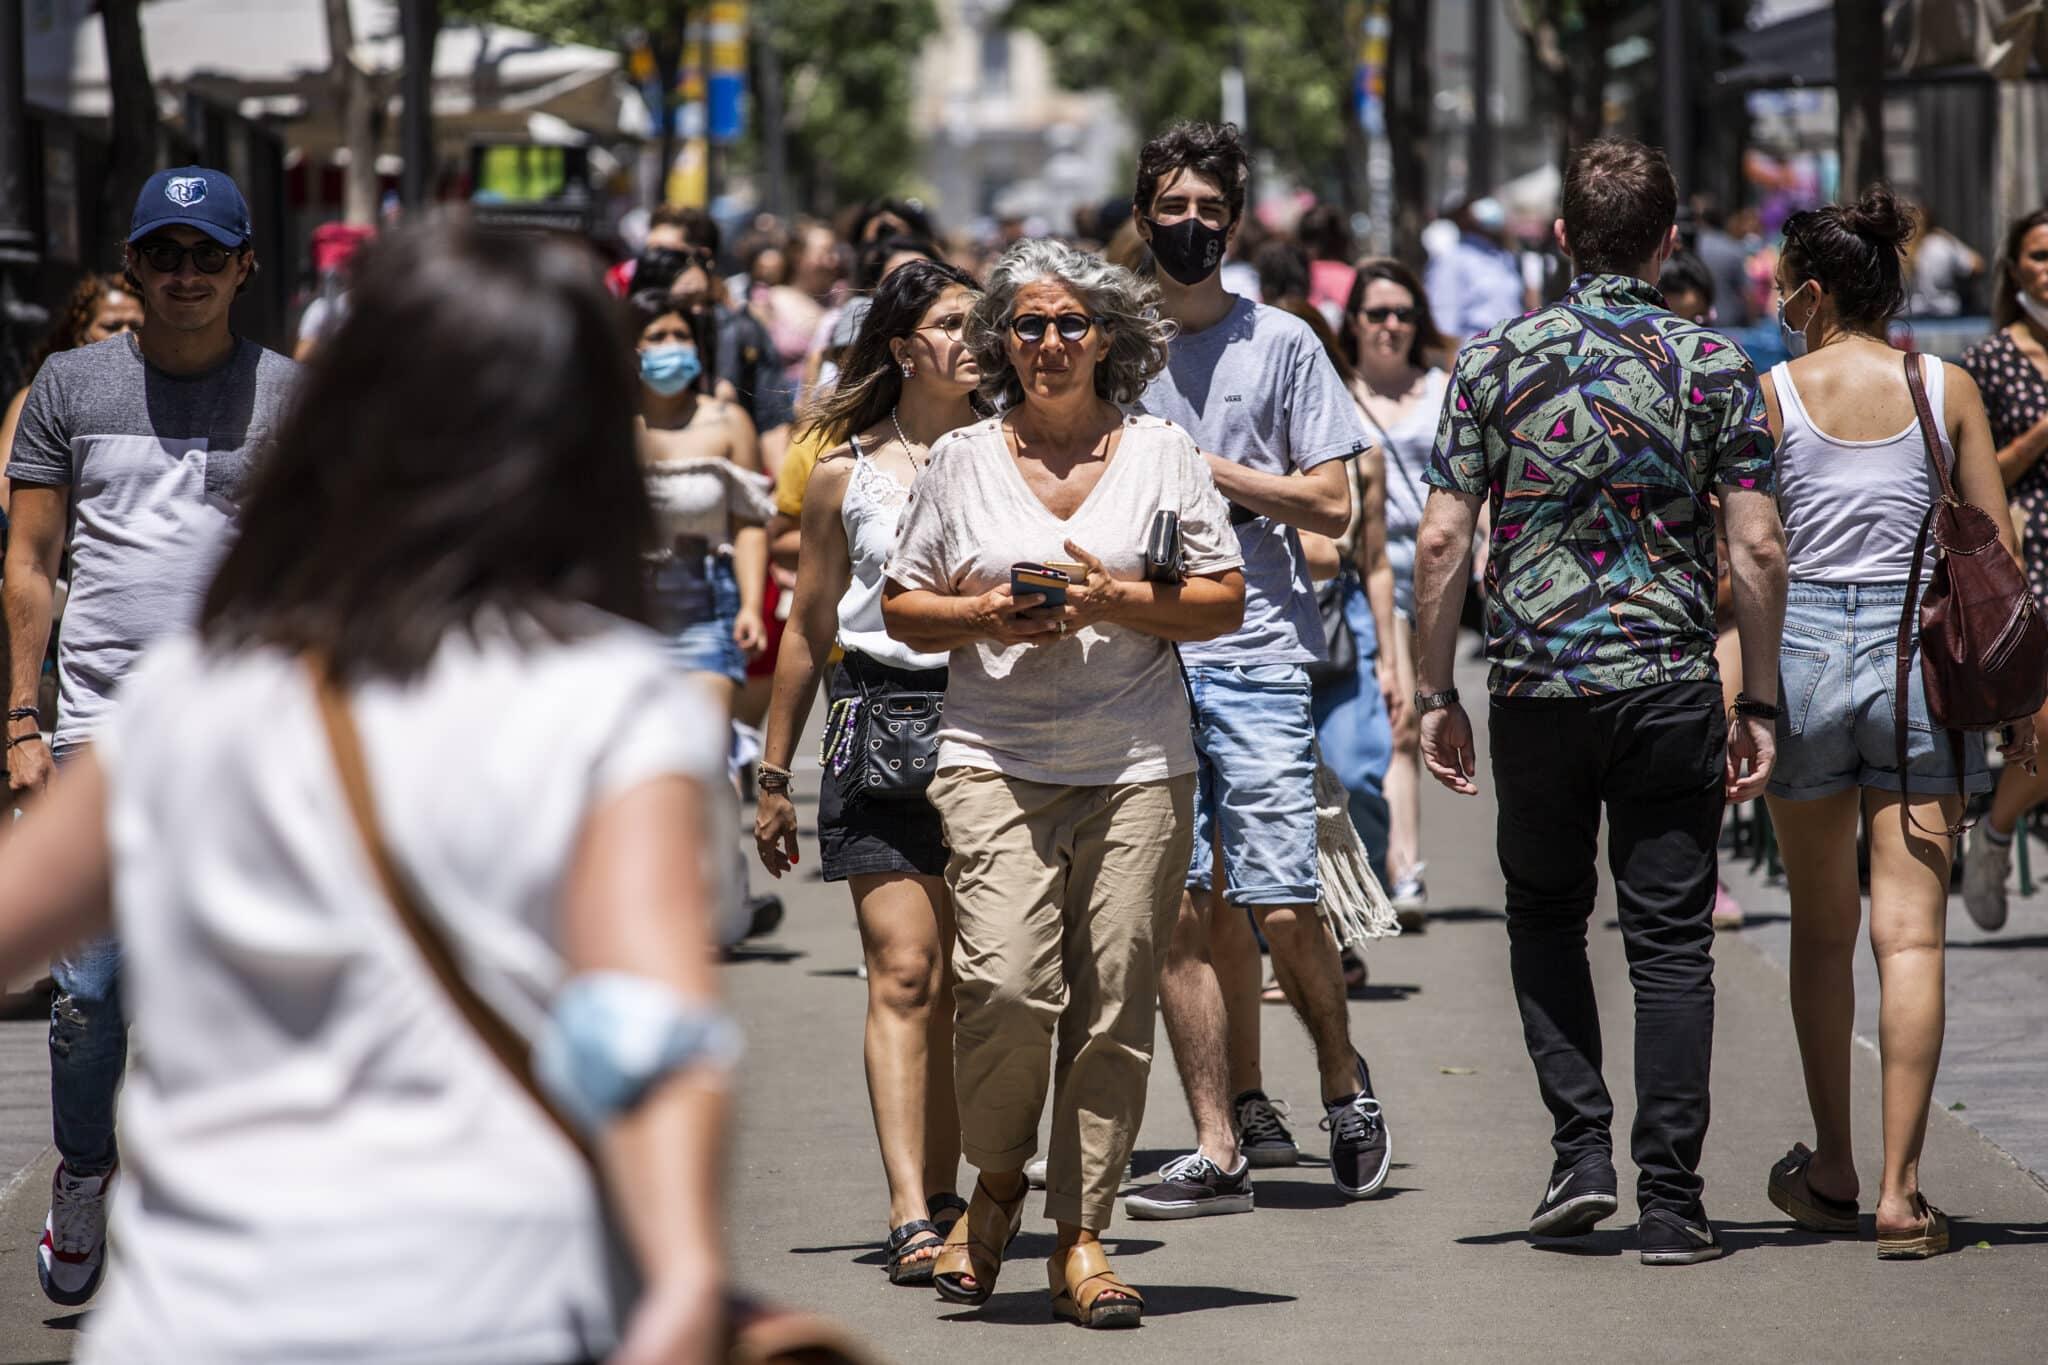 Una mujer pasea sin mascarilla por el centro de Madrid, durante el primer día en el que no es obligado el uso de la mascarilla en exteriores.